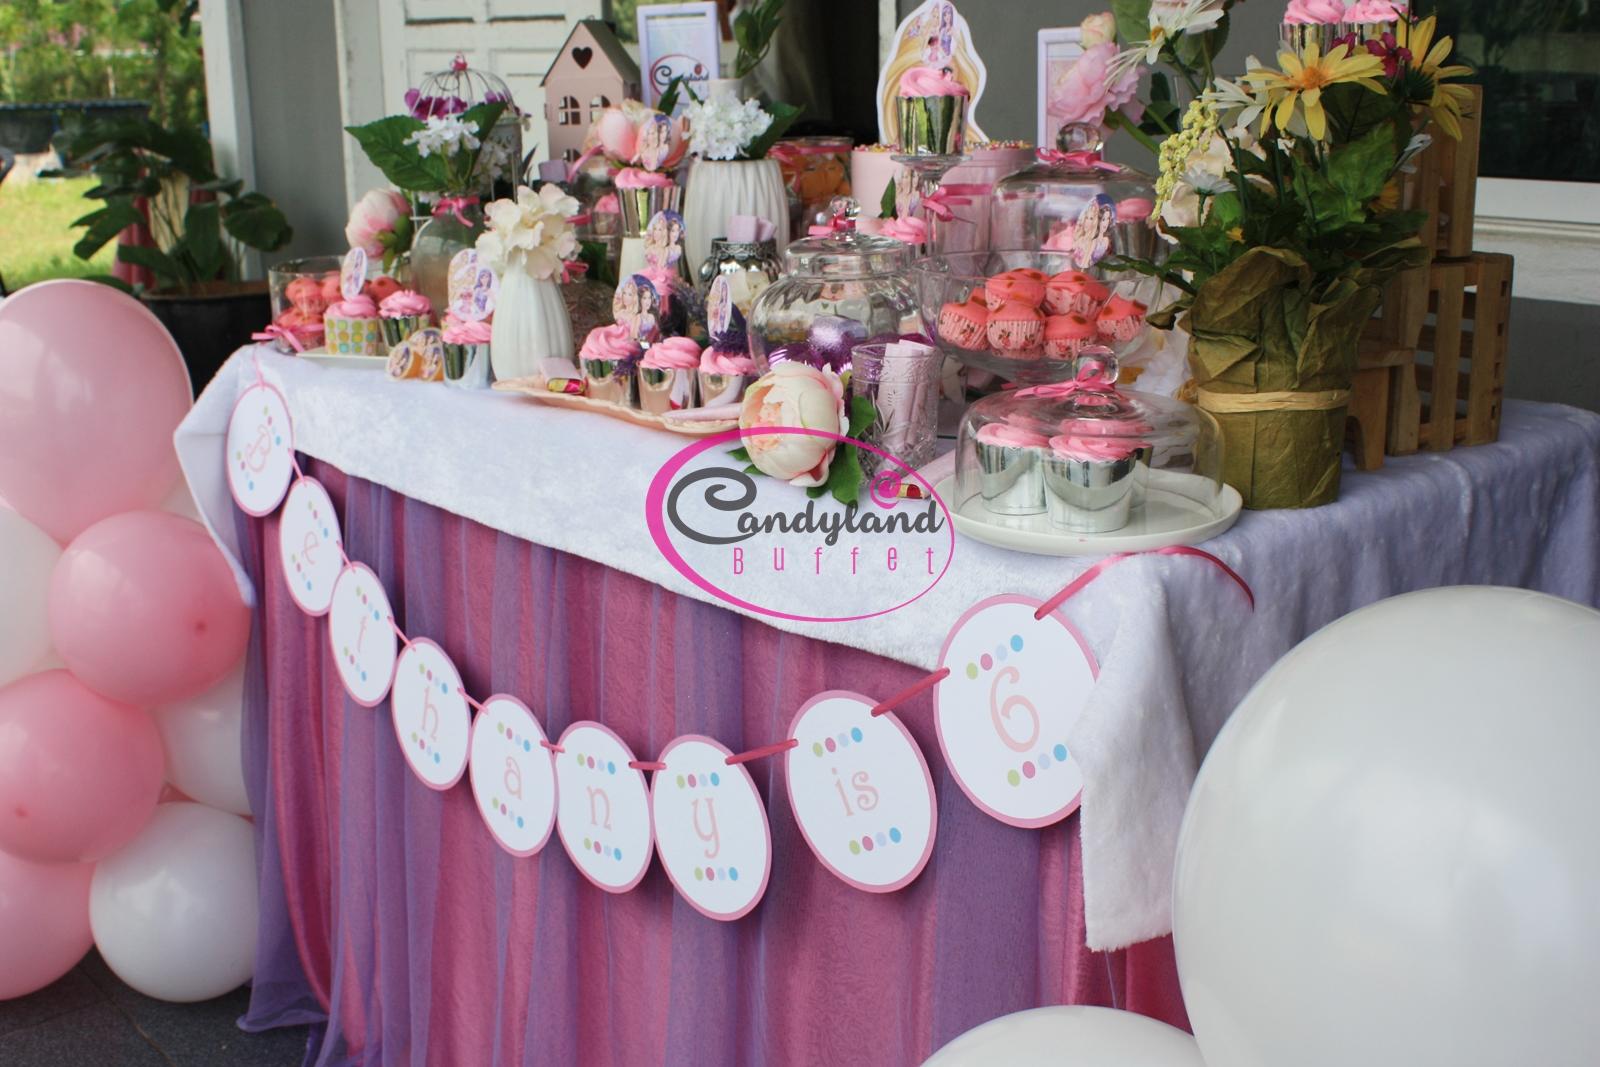 Barbie birthday theme candyland buffet barbie birthday theme izmirmasajfo